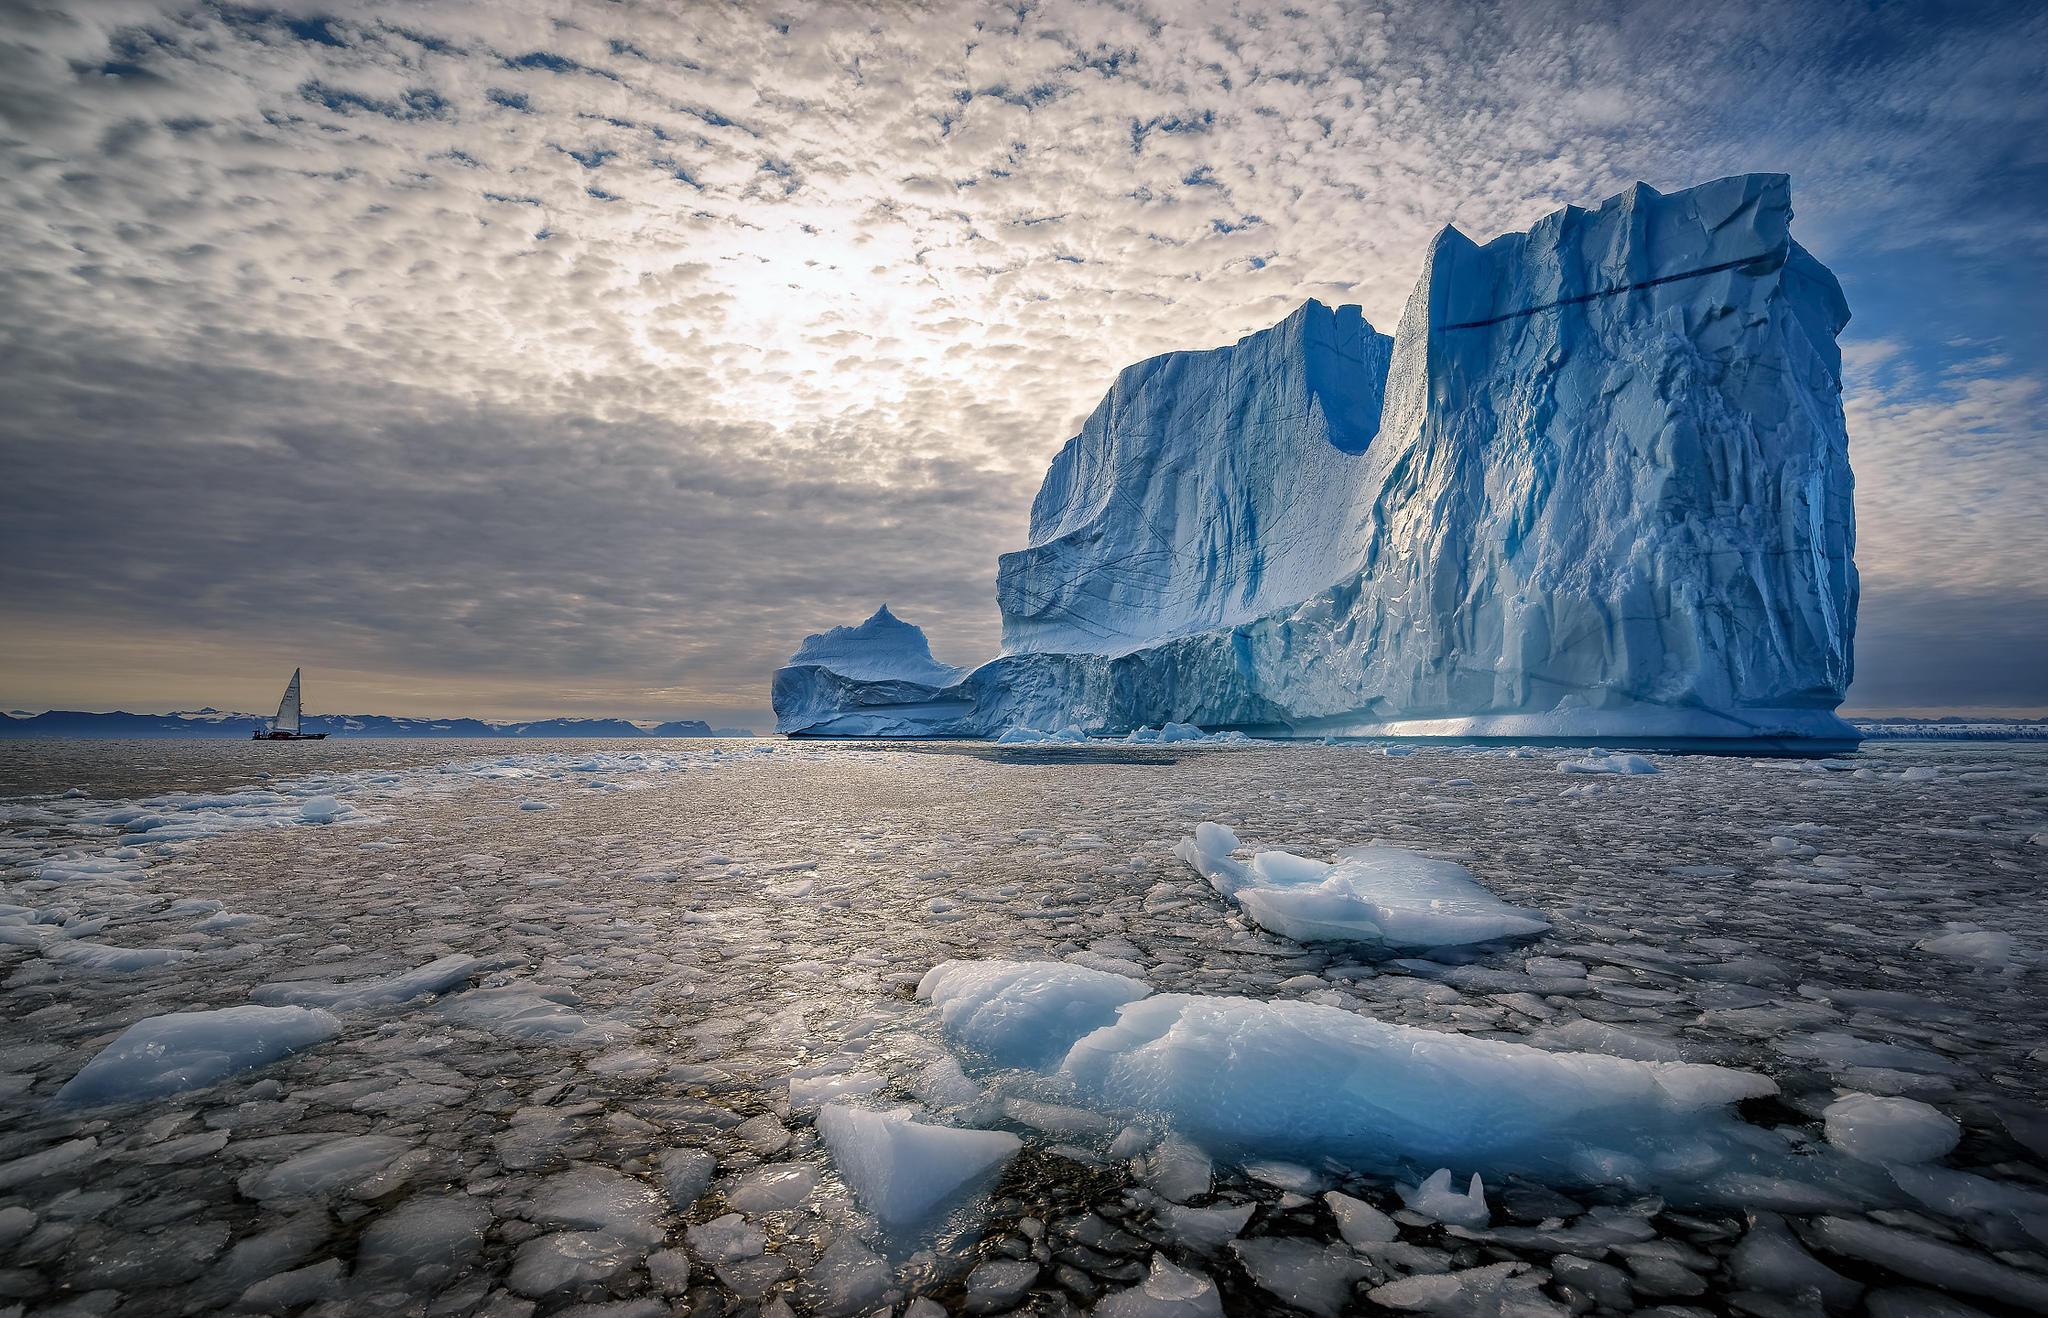 обои Арктика, Гренландия, Скандинавия, айсберг картинки фото